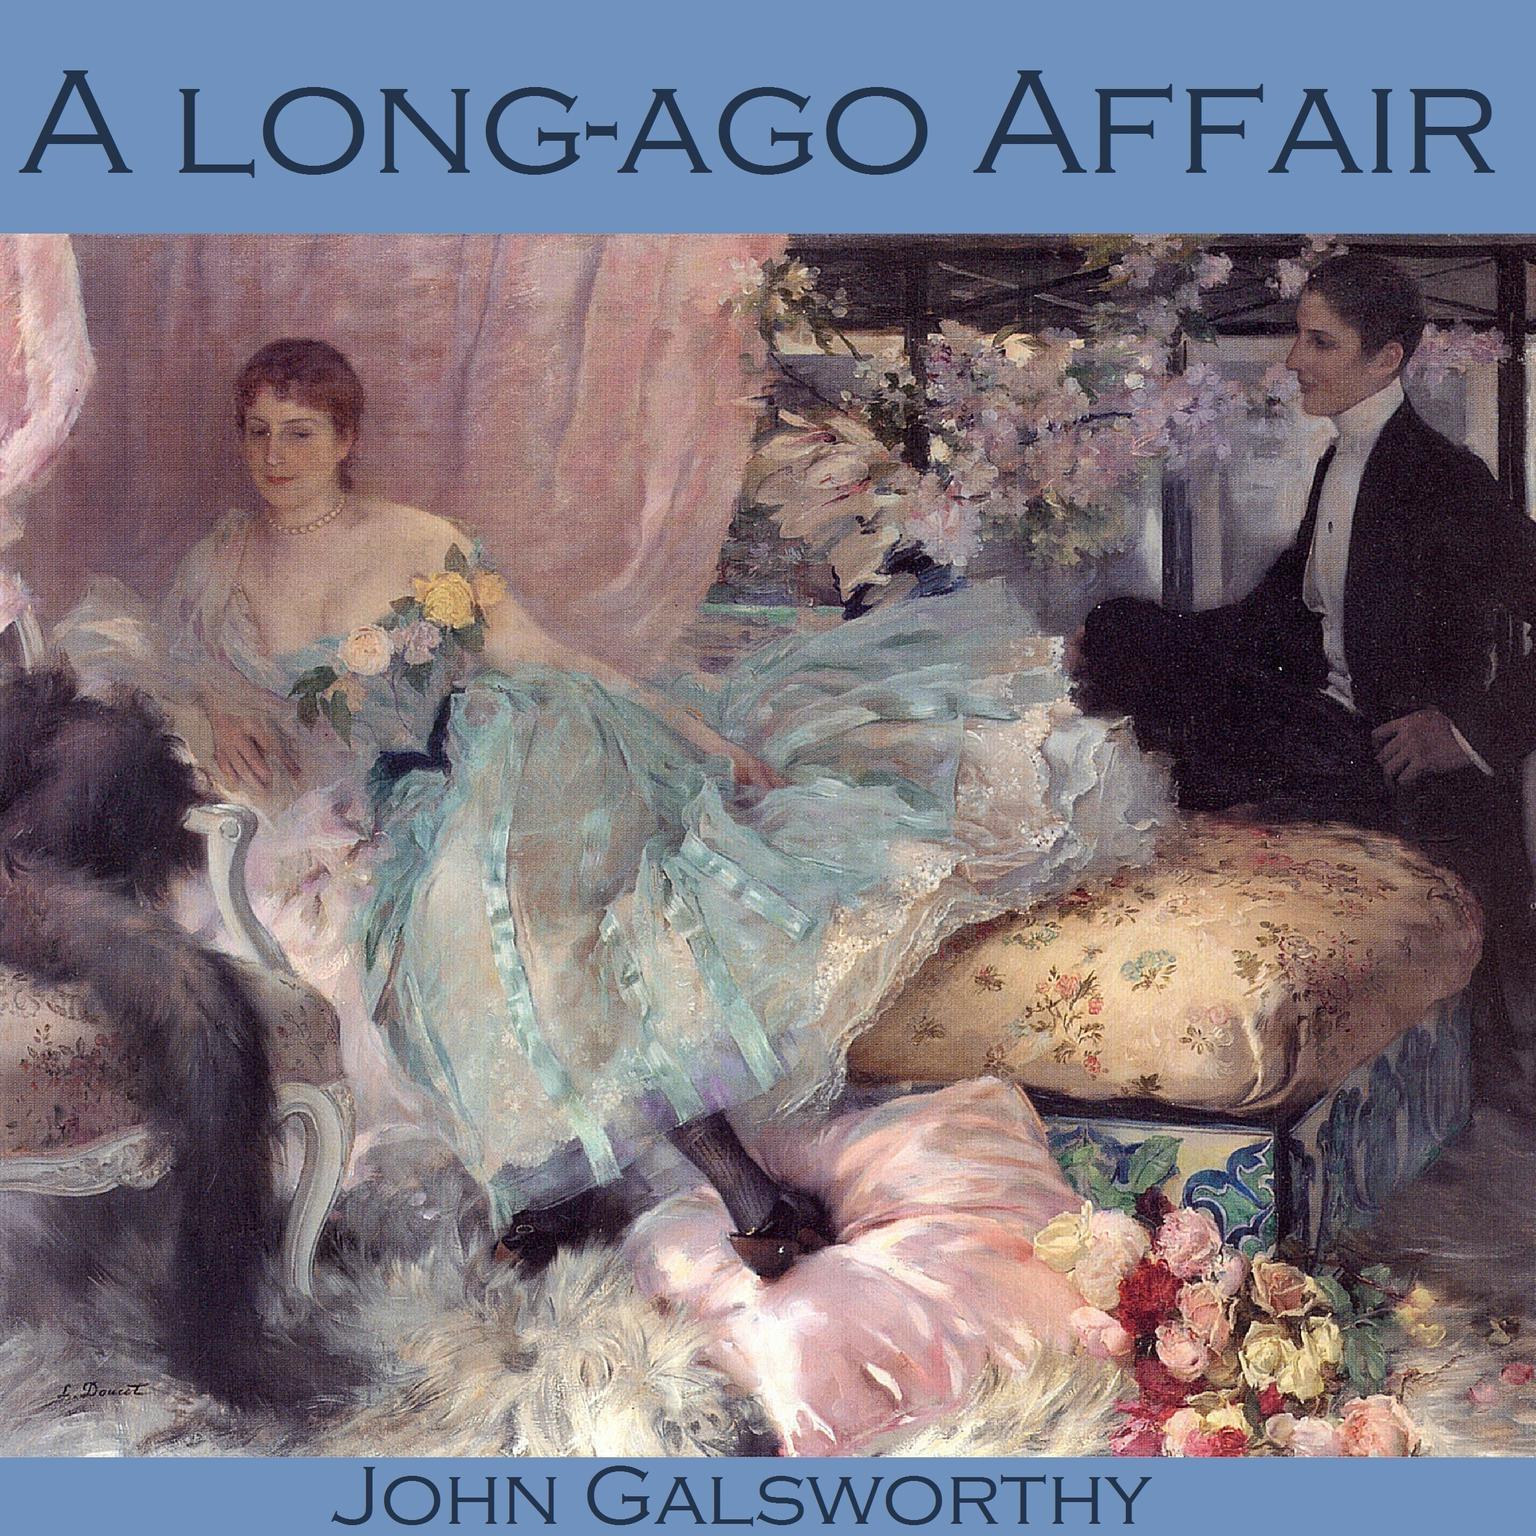 A Long-Ago Affair Audiobook, by John Galsworthy